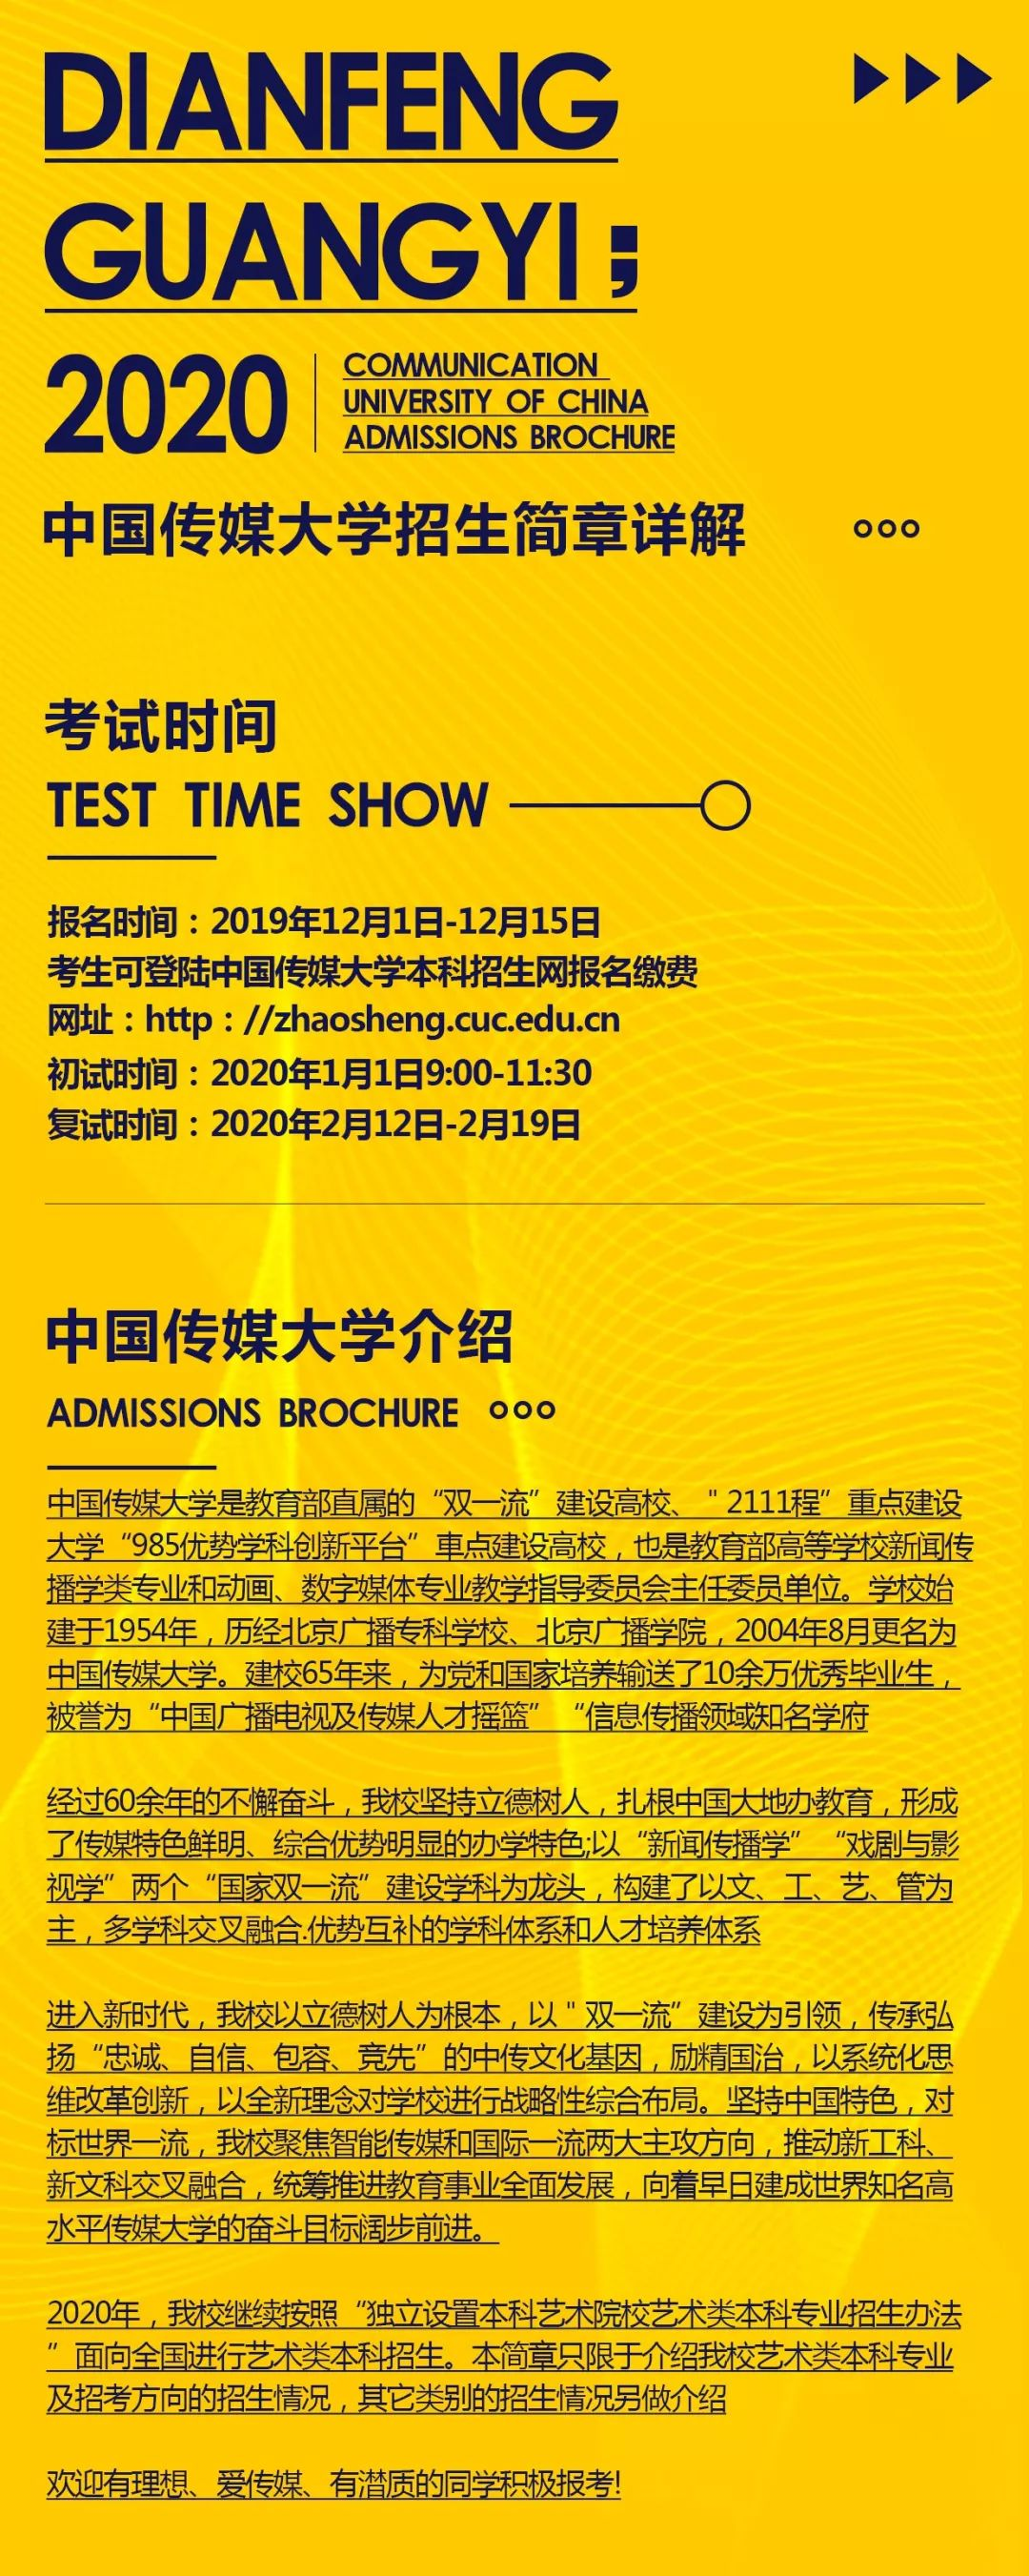 中国传媒大学,北京电影学院,中央戏剧学院,北京巅峰广艺画室       01